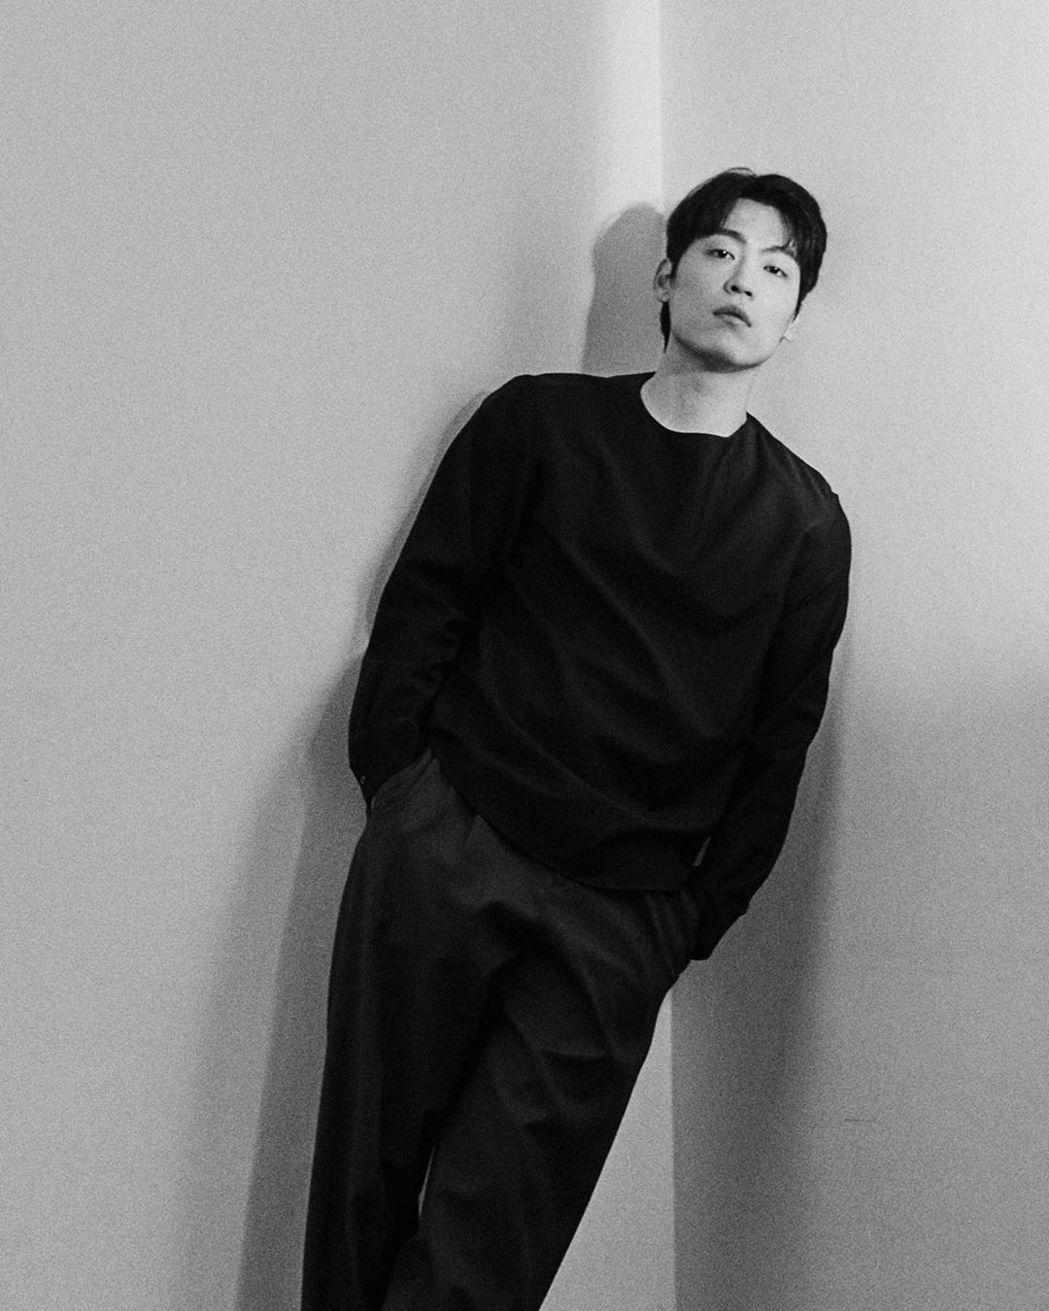 韓國歌手John Park確診新冠肺炎。圖/擷自IG